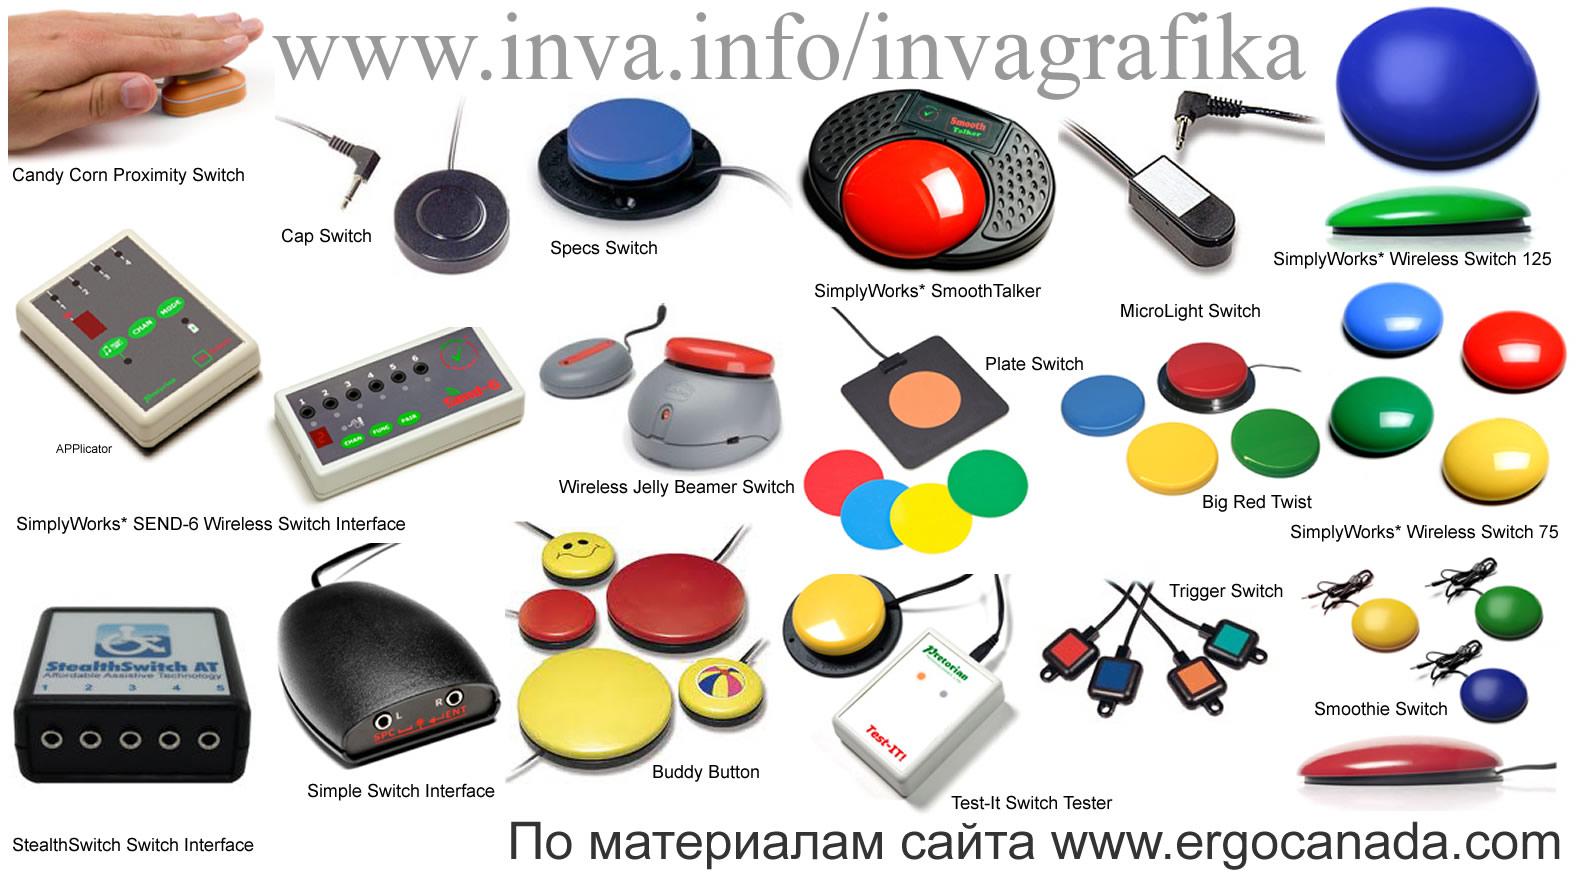 Инваграфика, кнопочные манипуляторы и аксессуары, ИКТ для инвалидов